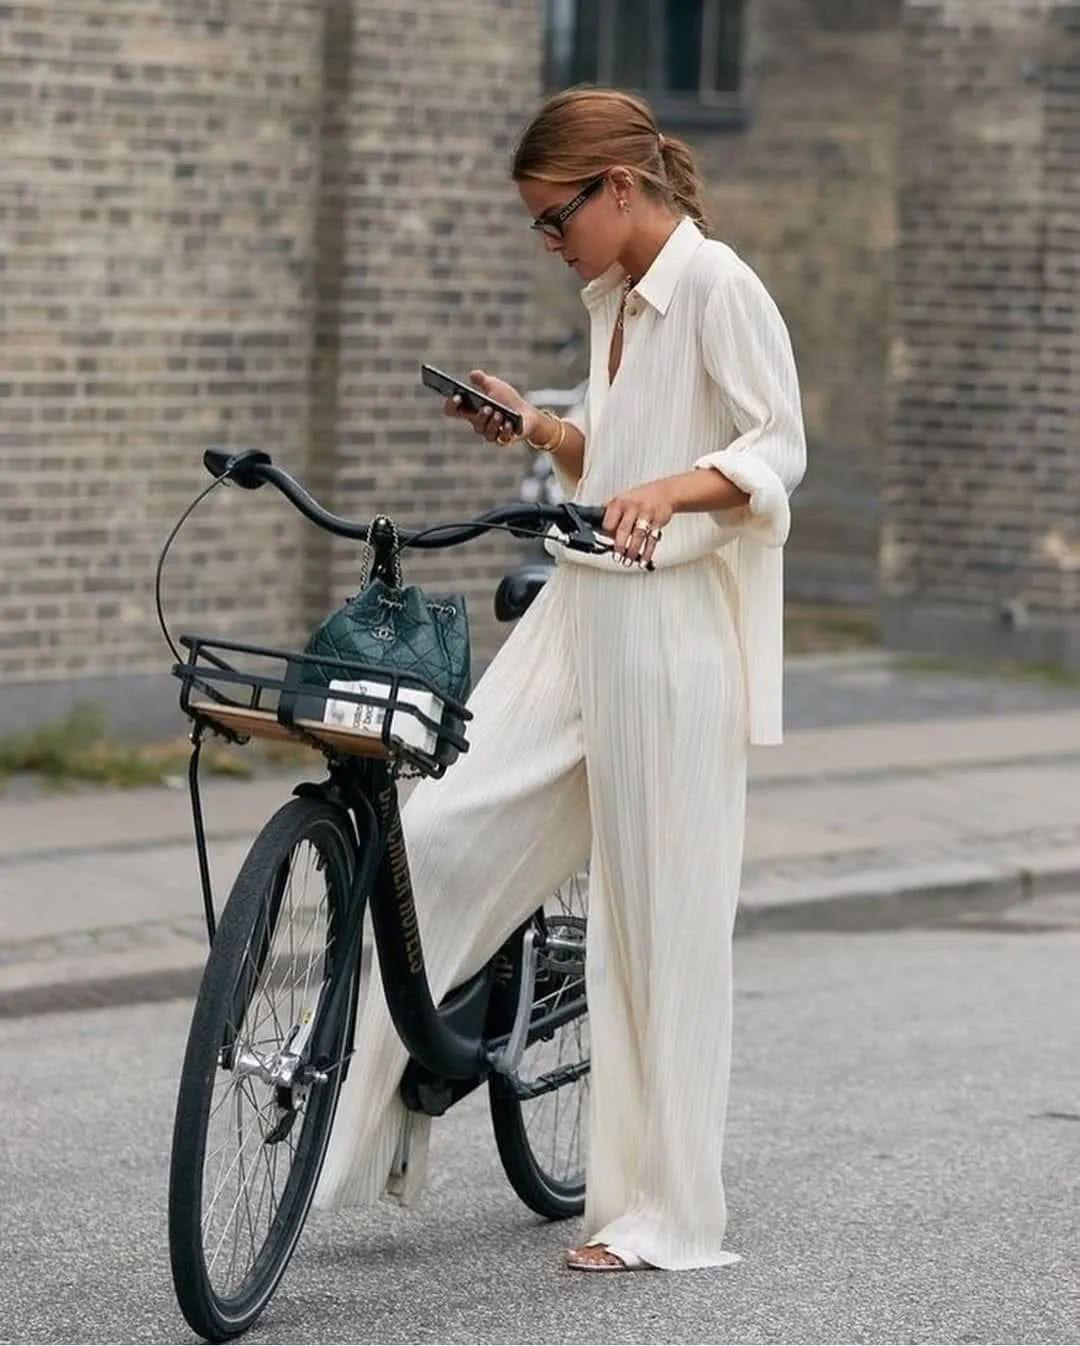 Αποτέλεσμα εικόνας για chanel sandals street style